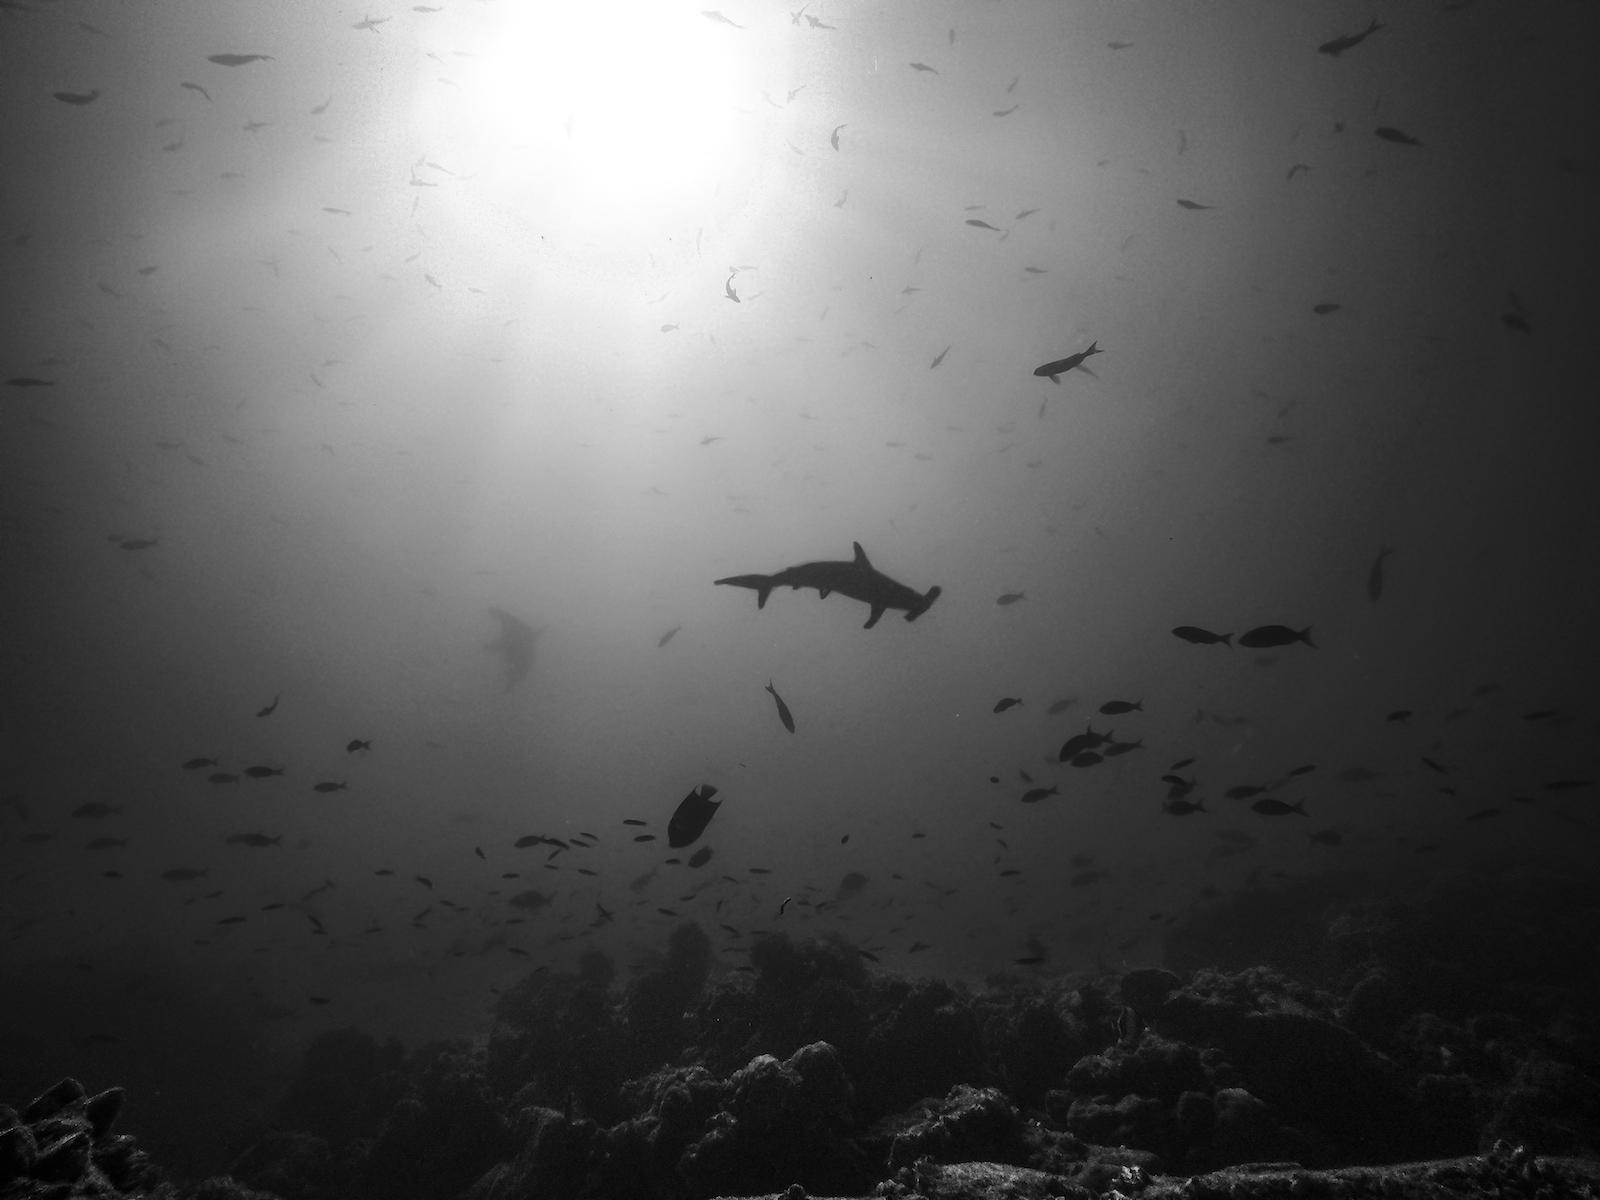 yacht videographer luxury yacht films super yacht savannah yacht film freelance scuba hammerhead shark